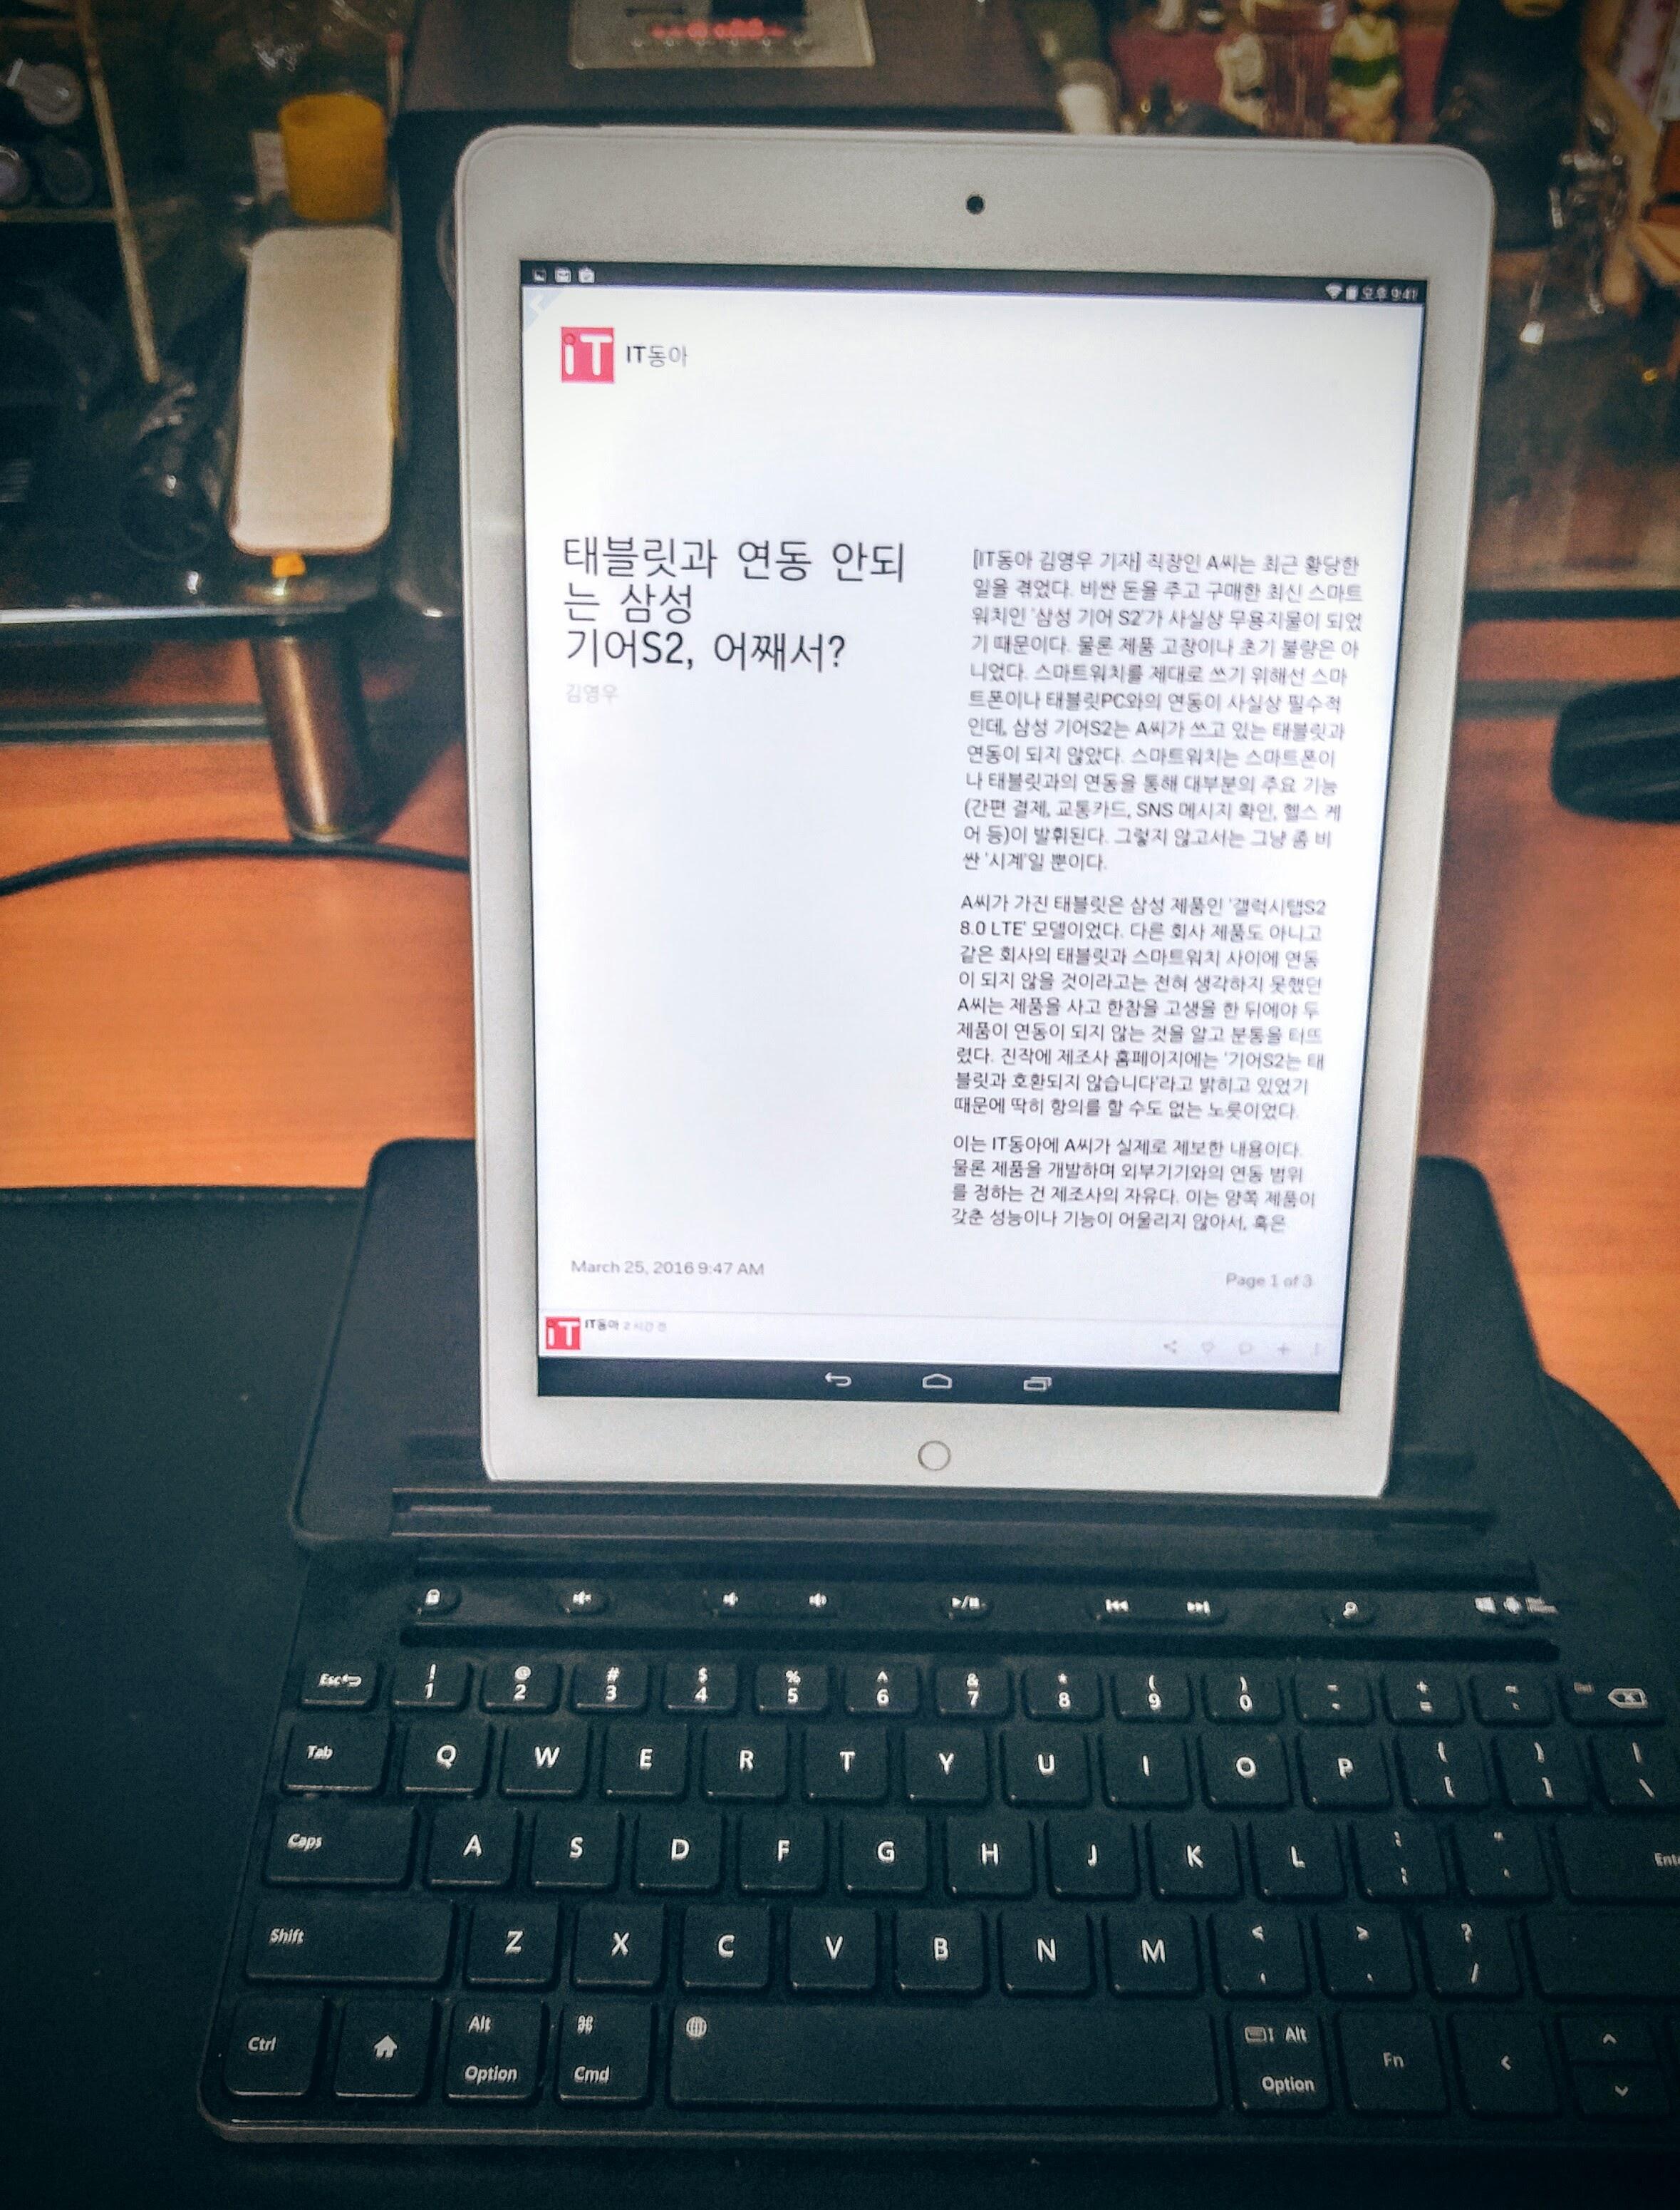 엠피지오 아테나 듀얼 아이 태블릿 구입